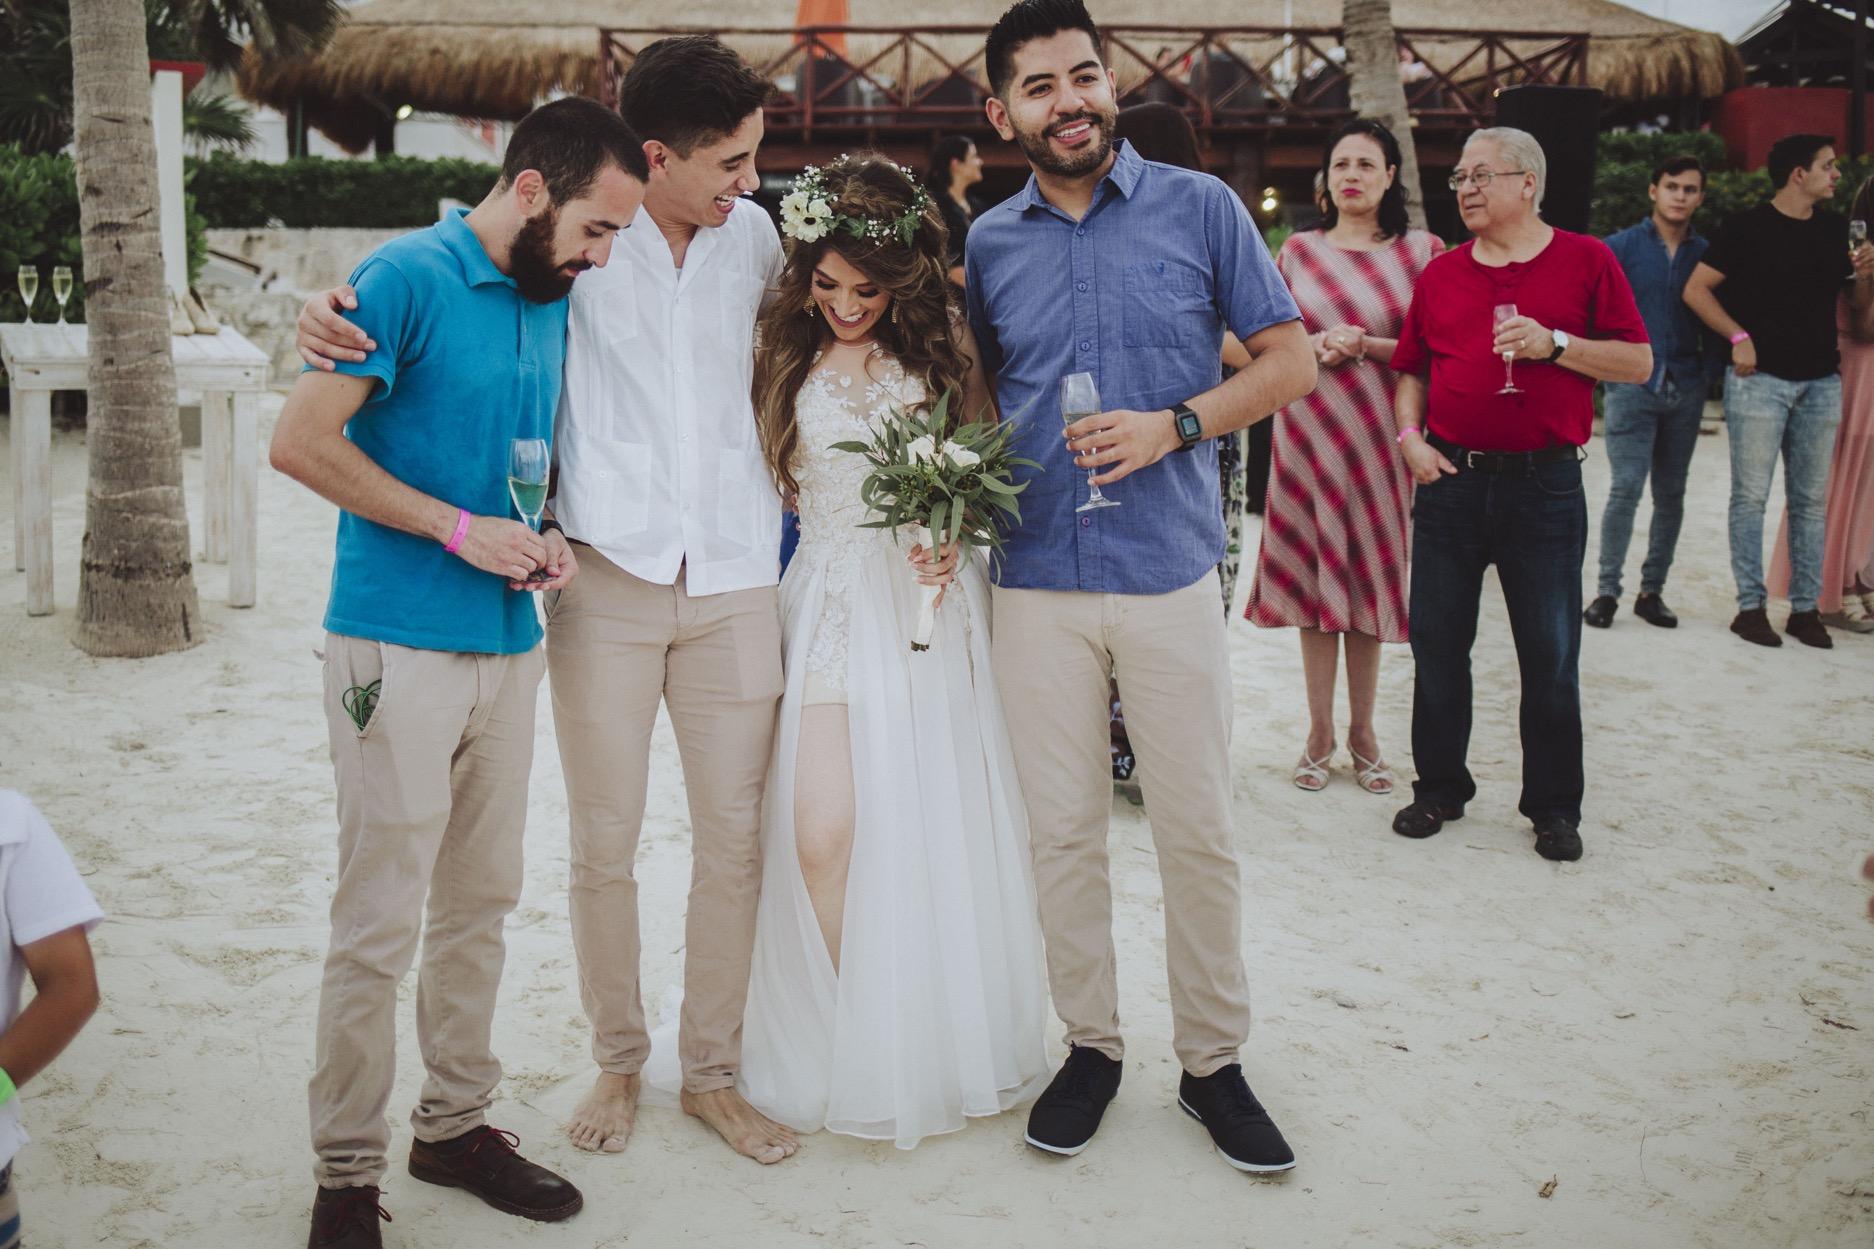 fotografo_bodas_profesional_zacatecas_riviera_maya_cancun-109